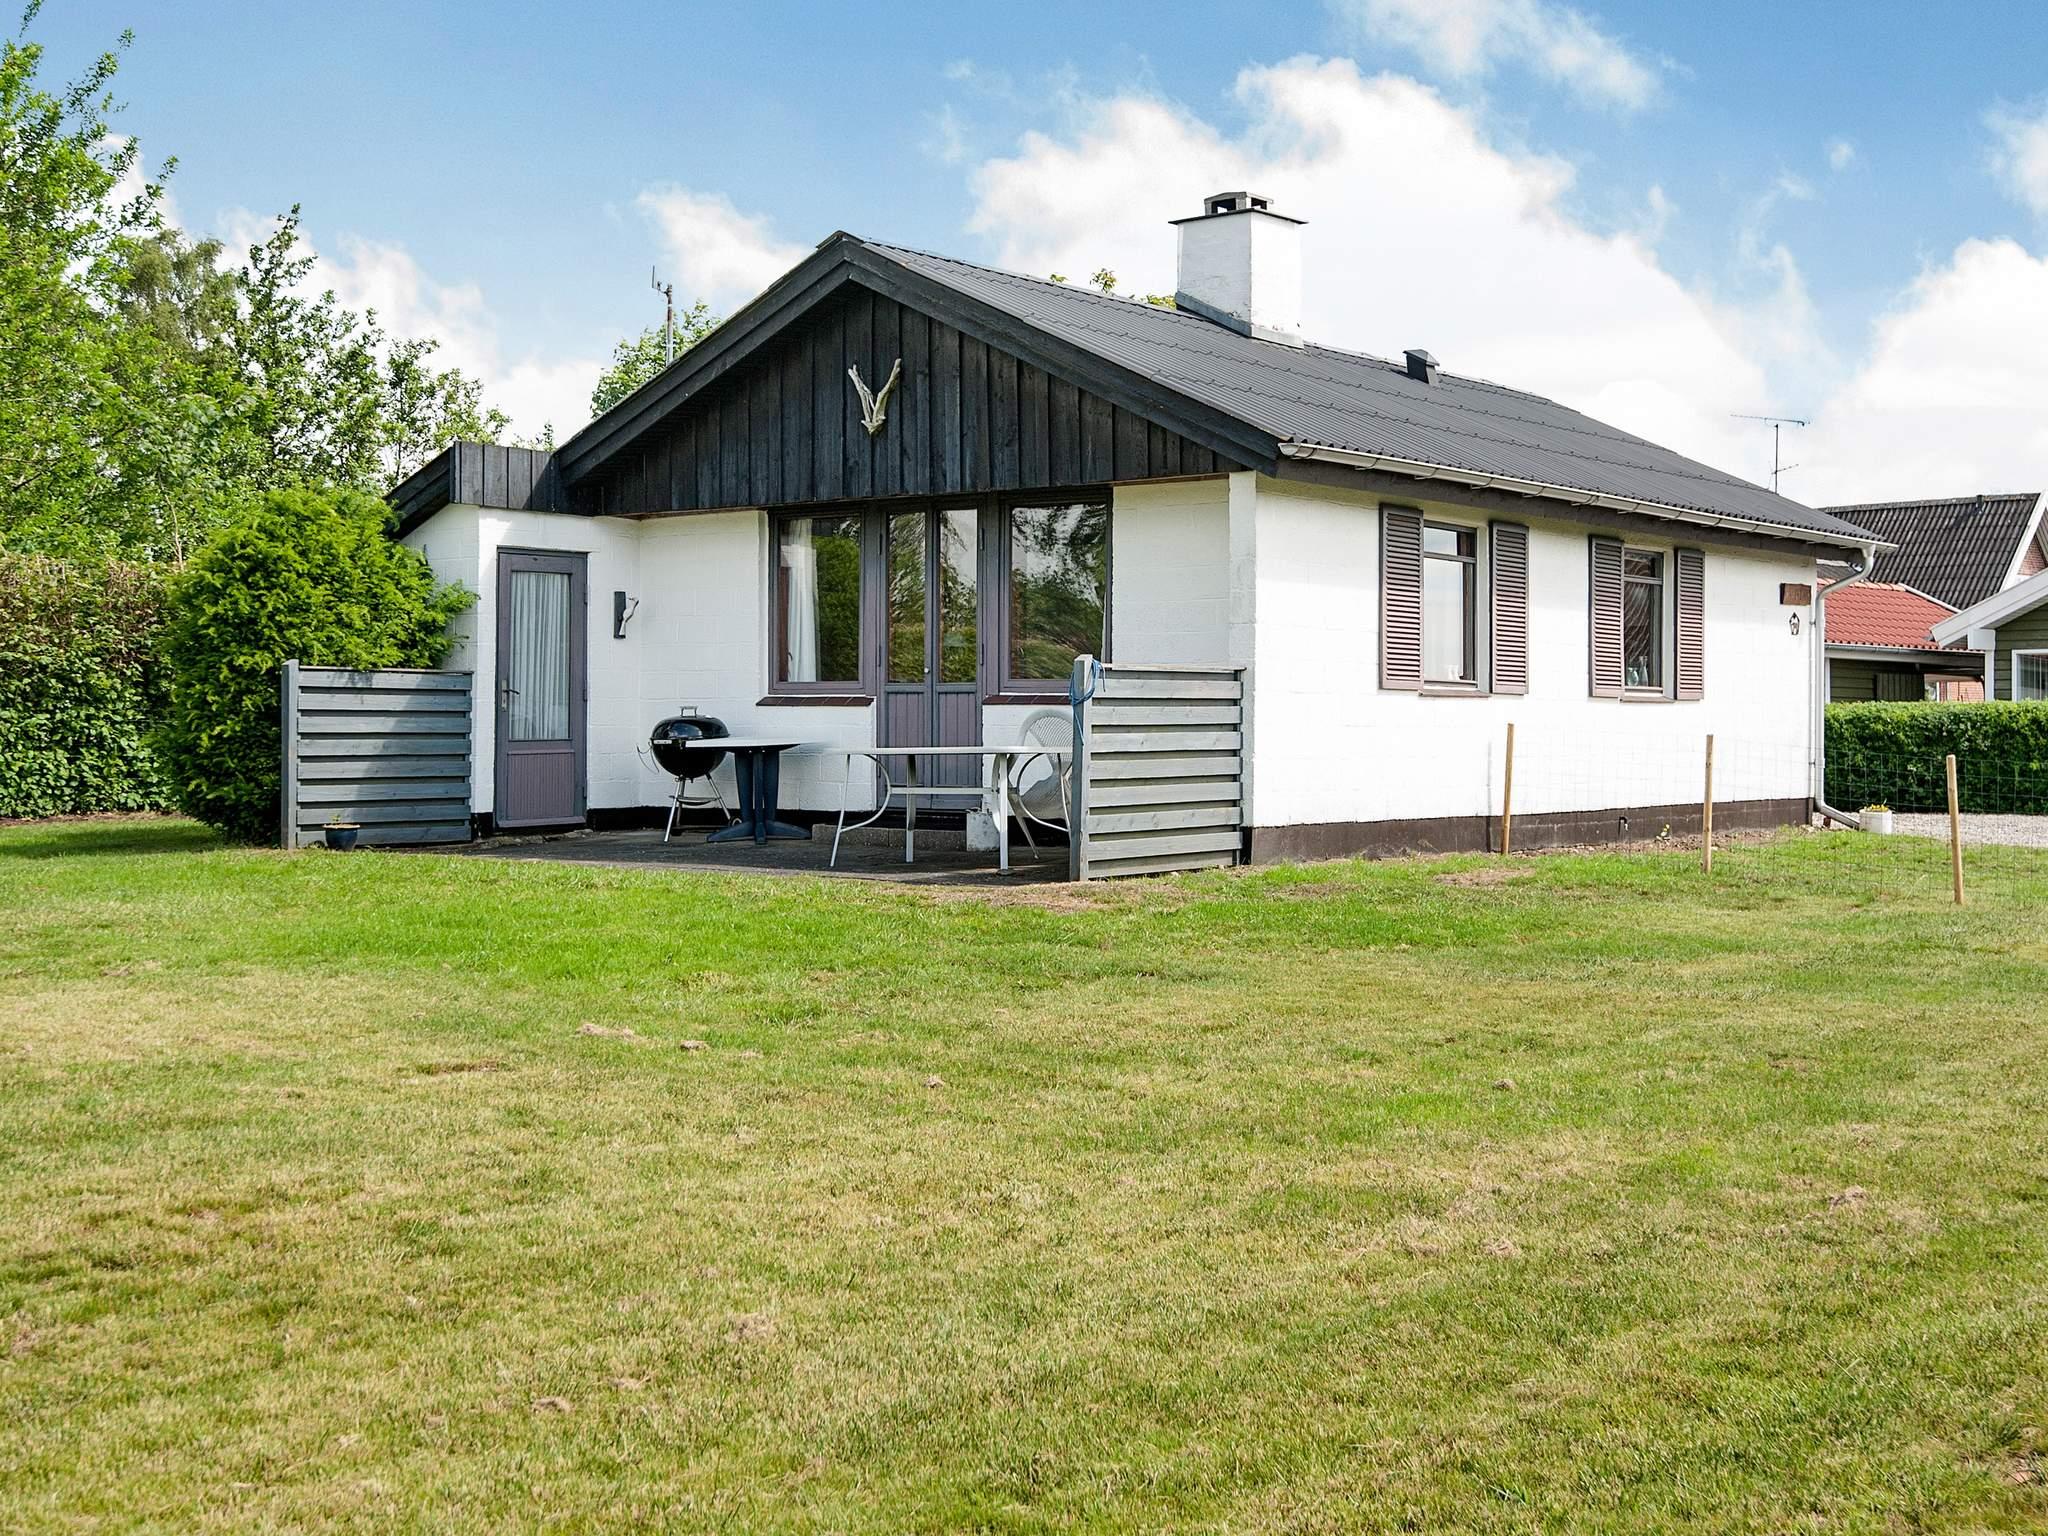 Ferienhaus Juelsminde (87831), Juelsminde, , Ostjütland, Dänemark, Bild 1